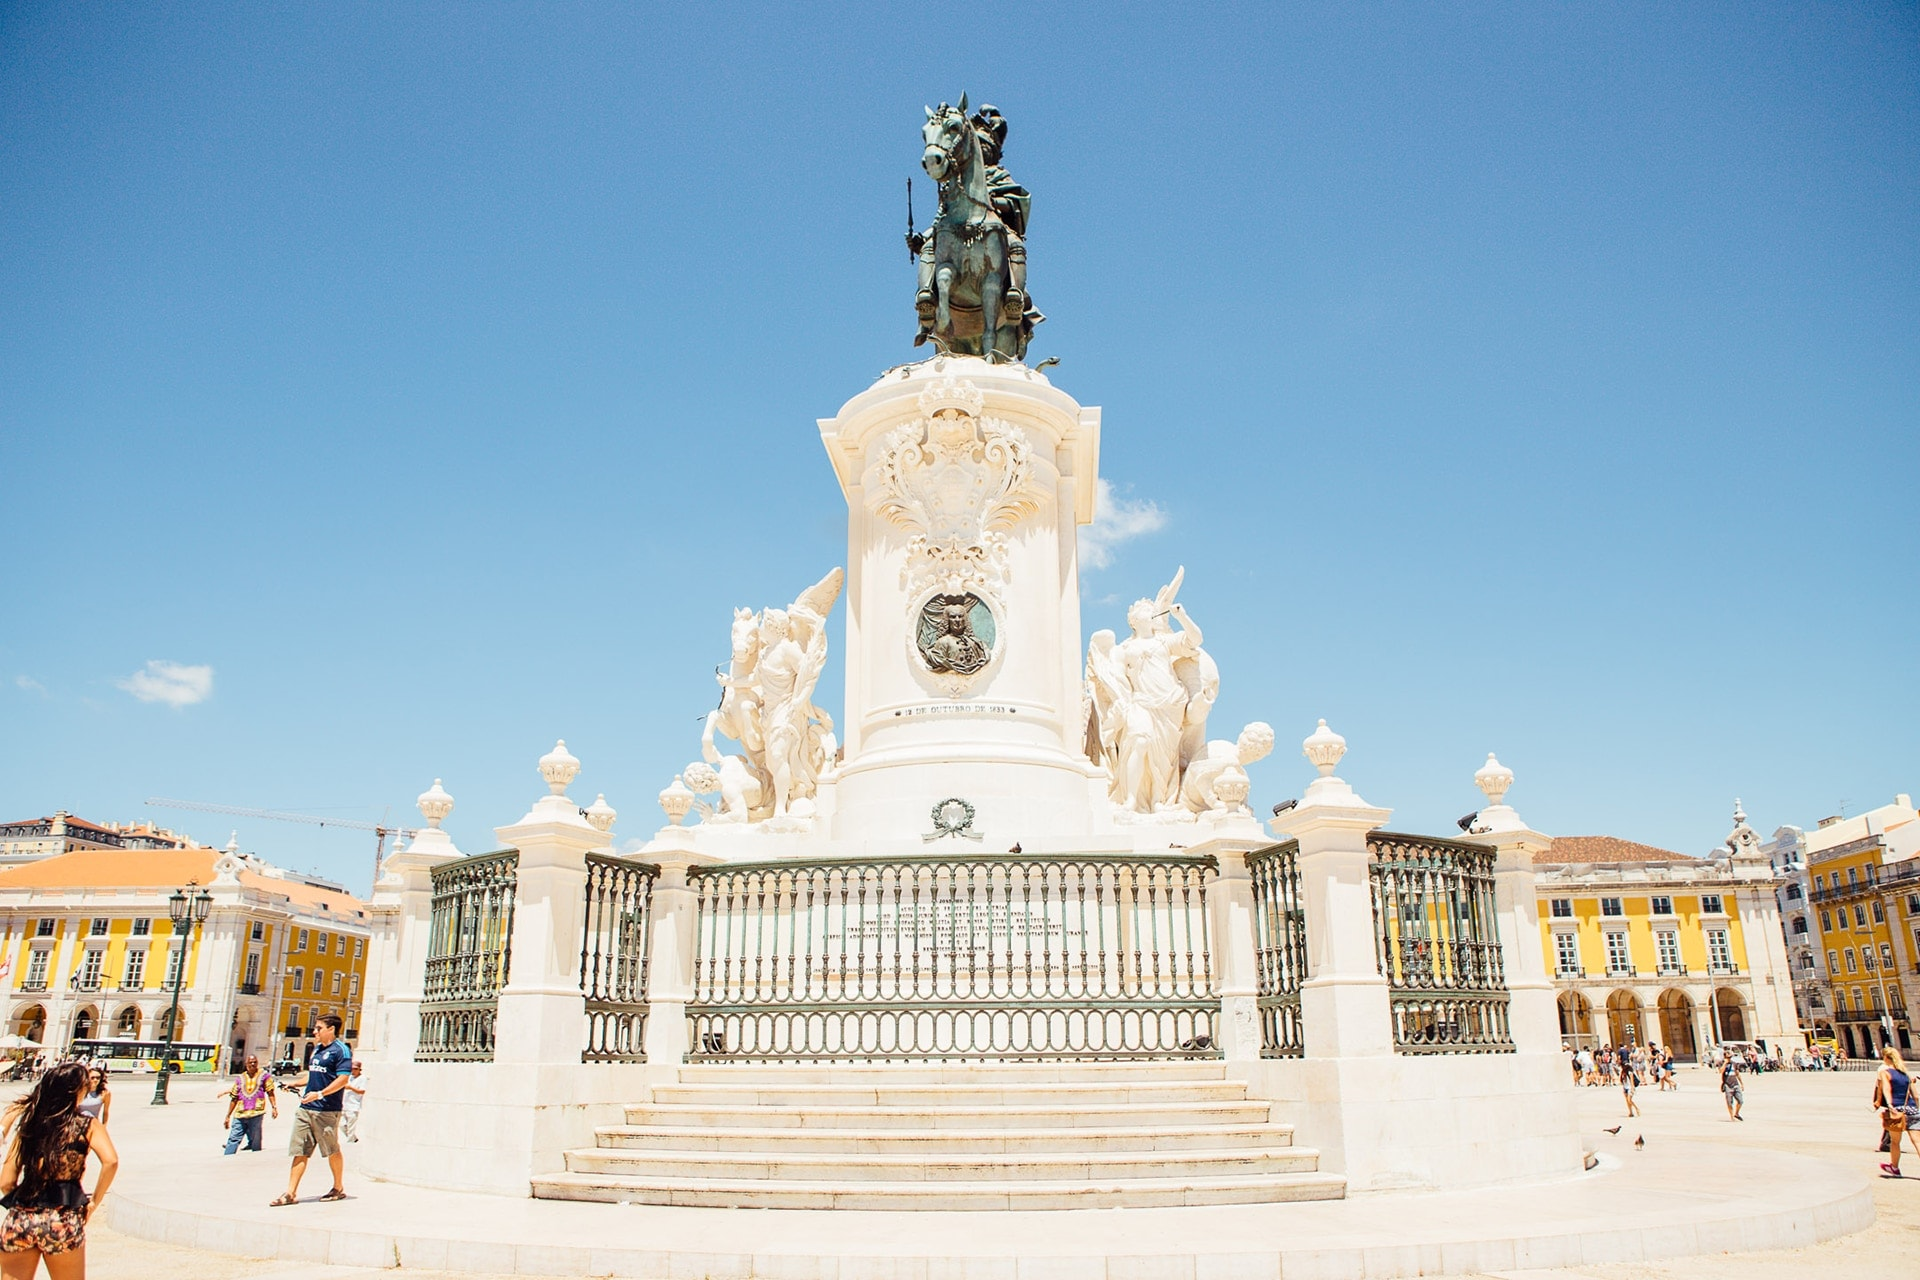 Statue de Joseph 1er, sur la Praça do Comércio dans le quartier de Baixa à Lisbonne, au Portugal